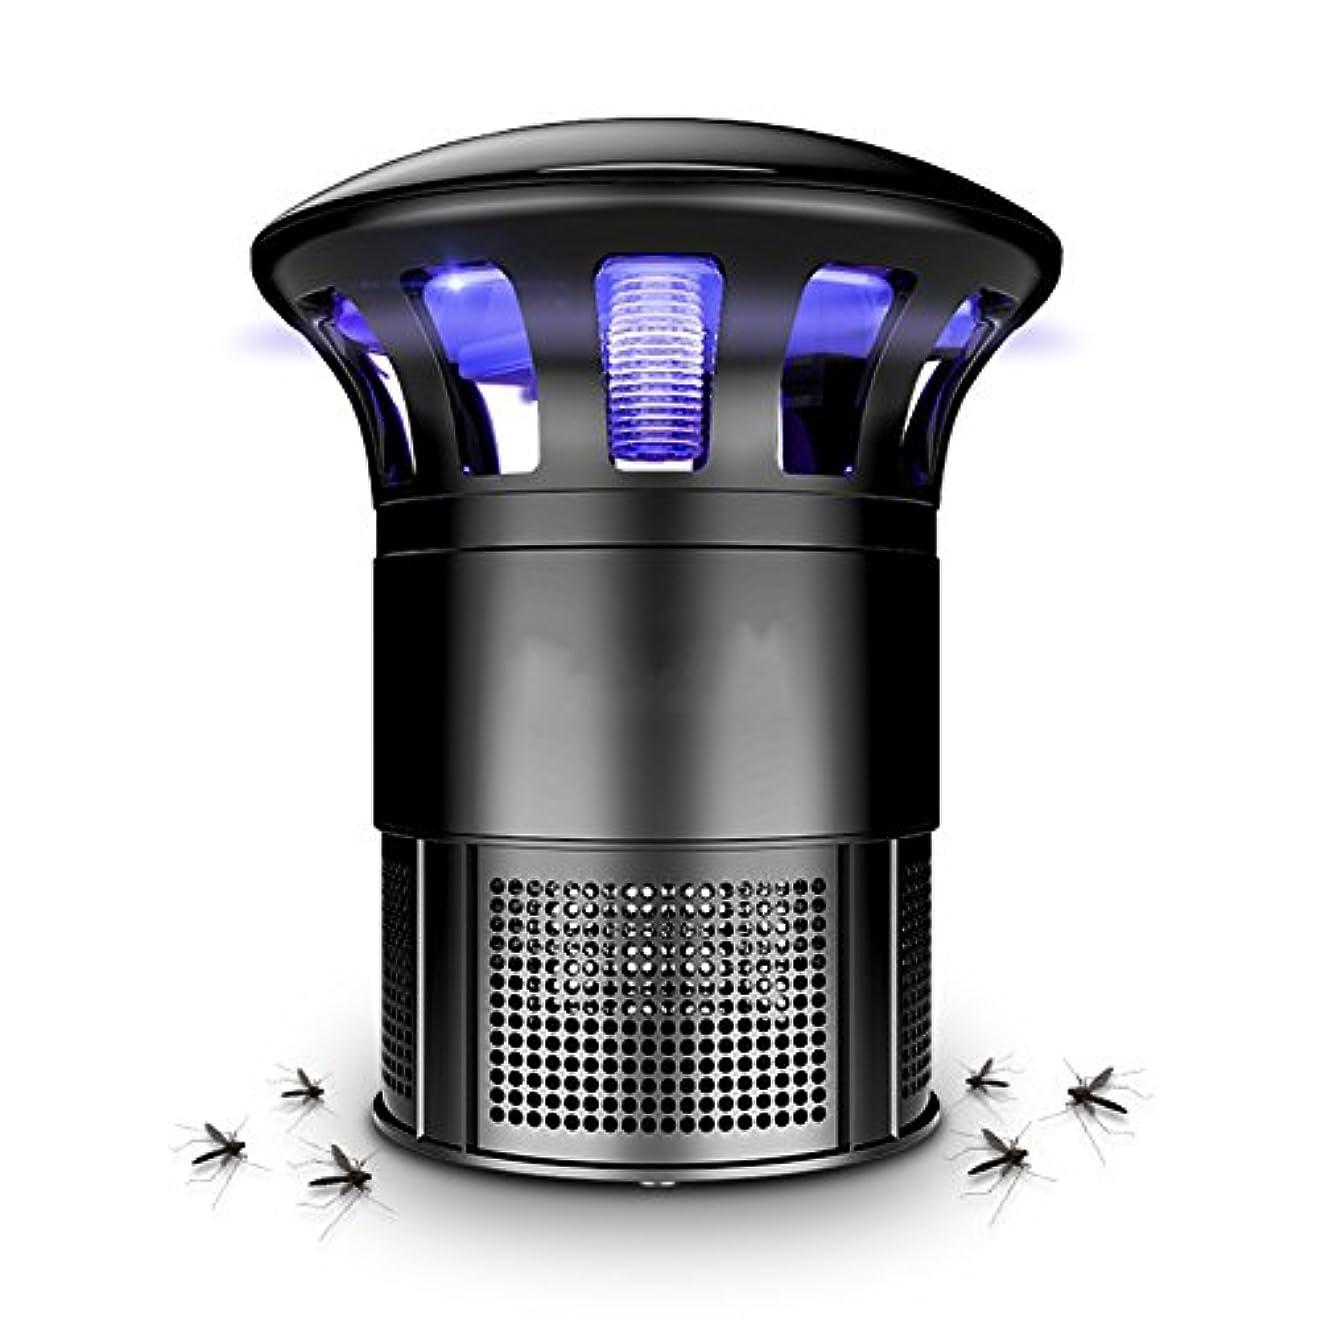 硬化する王室説教LIXIONG 蚊ランプ 屋内 吸入タイプ ミュート LED光源 物理的 360度サラウンド 抗蚊、 黒、 14.5×22cm (色 : 黒)